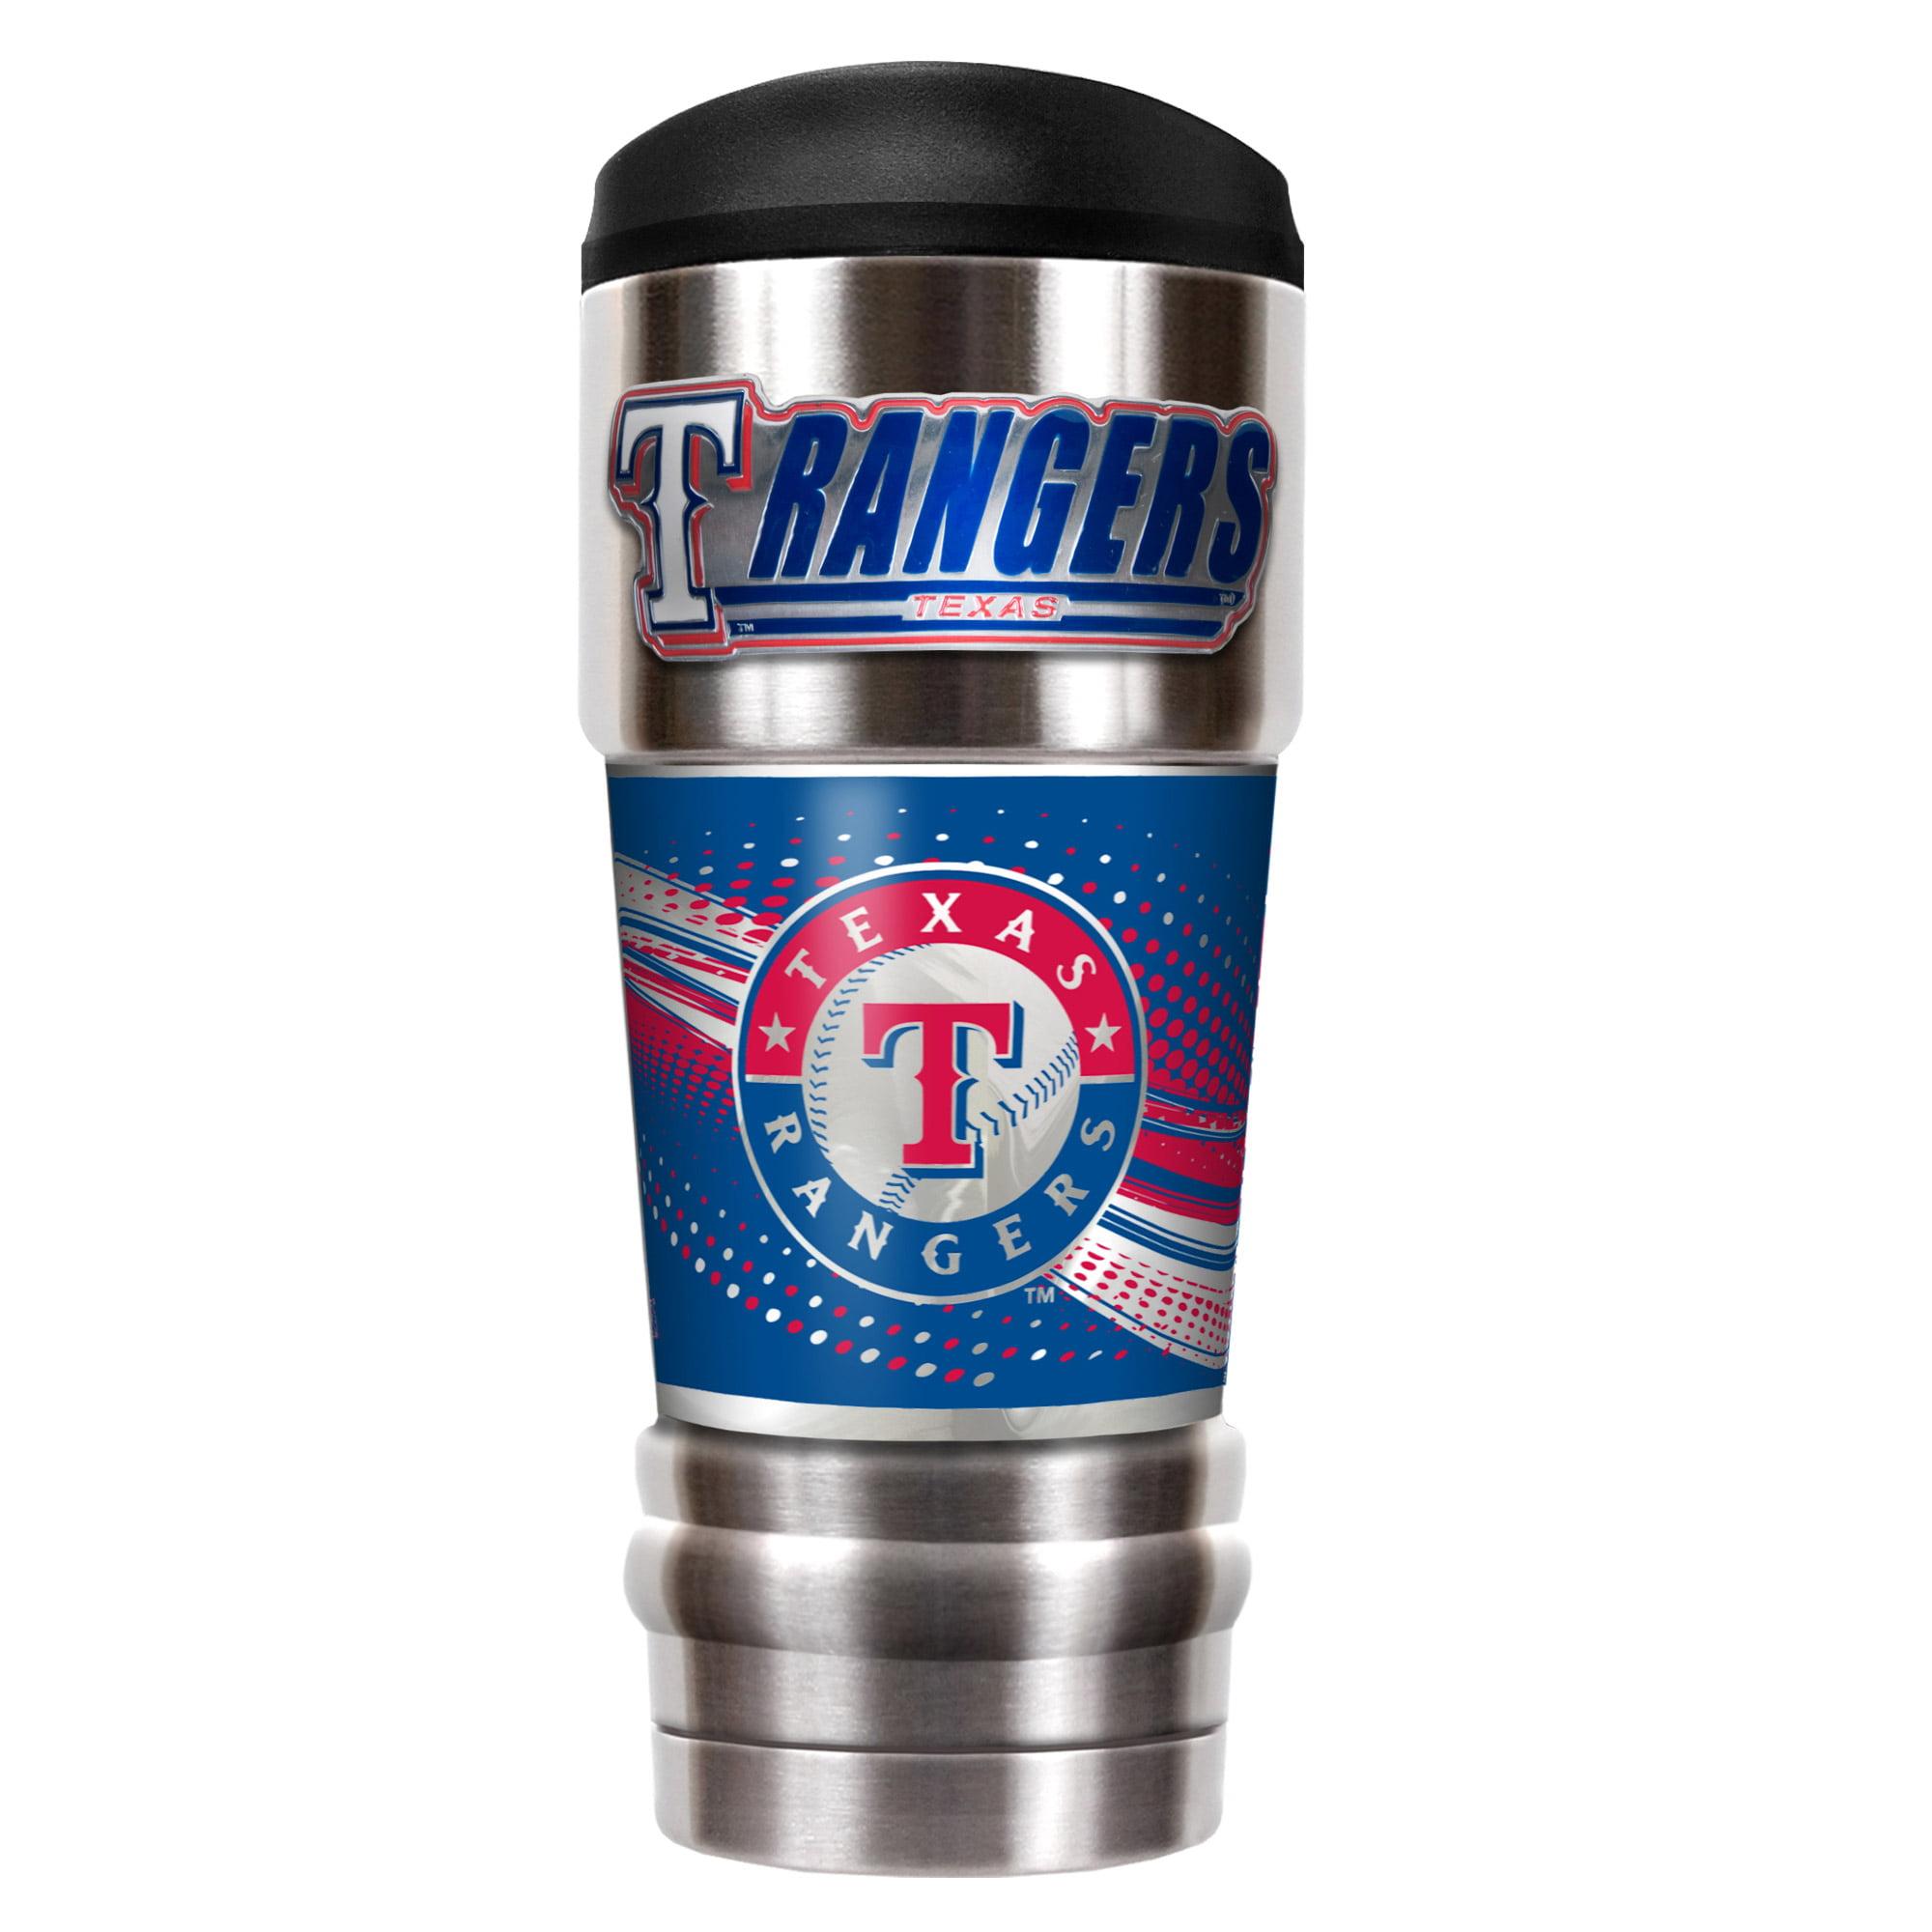 Texas Rangers The MVP 18oz. Tumbler - No Size